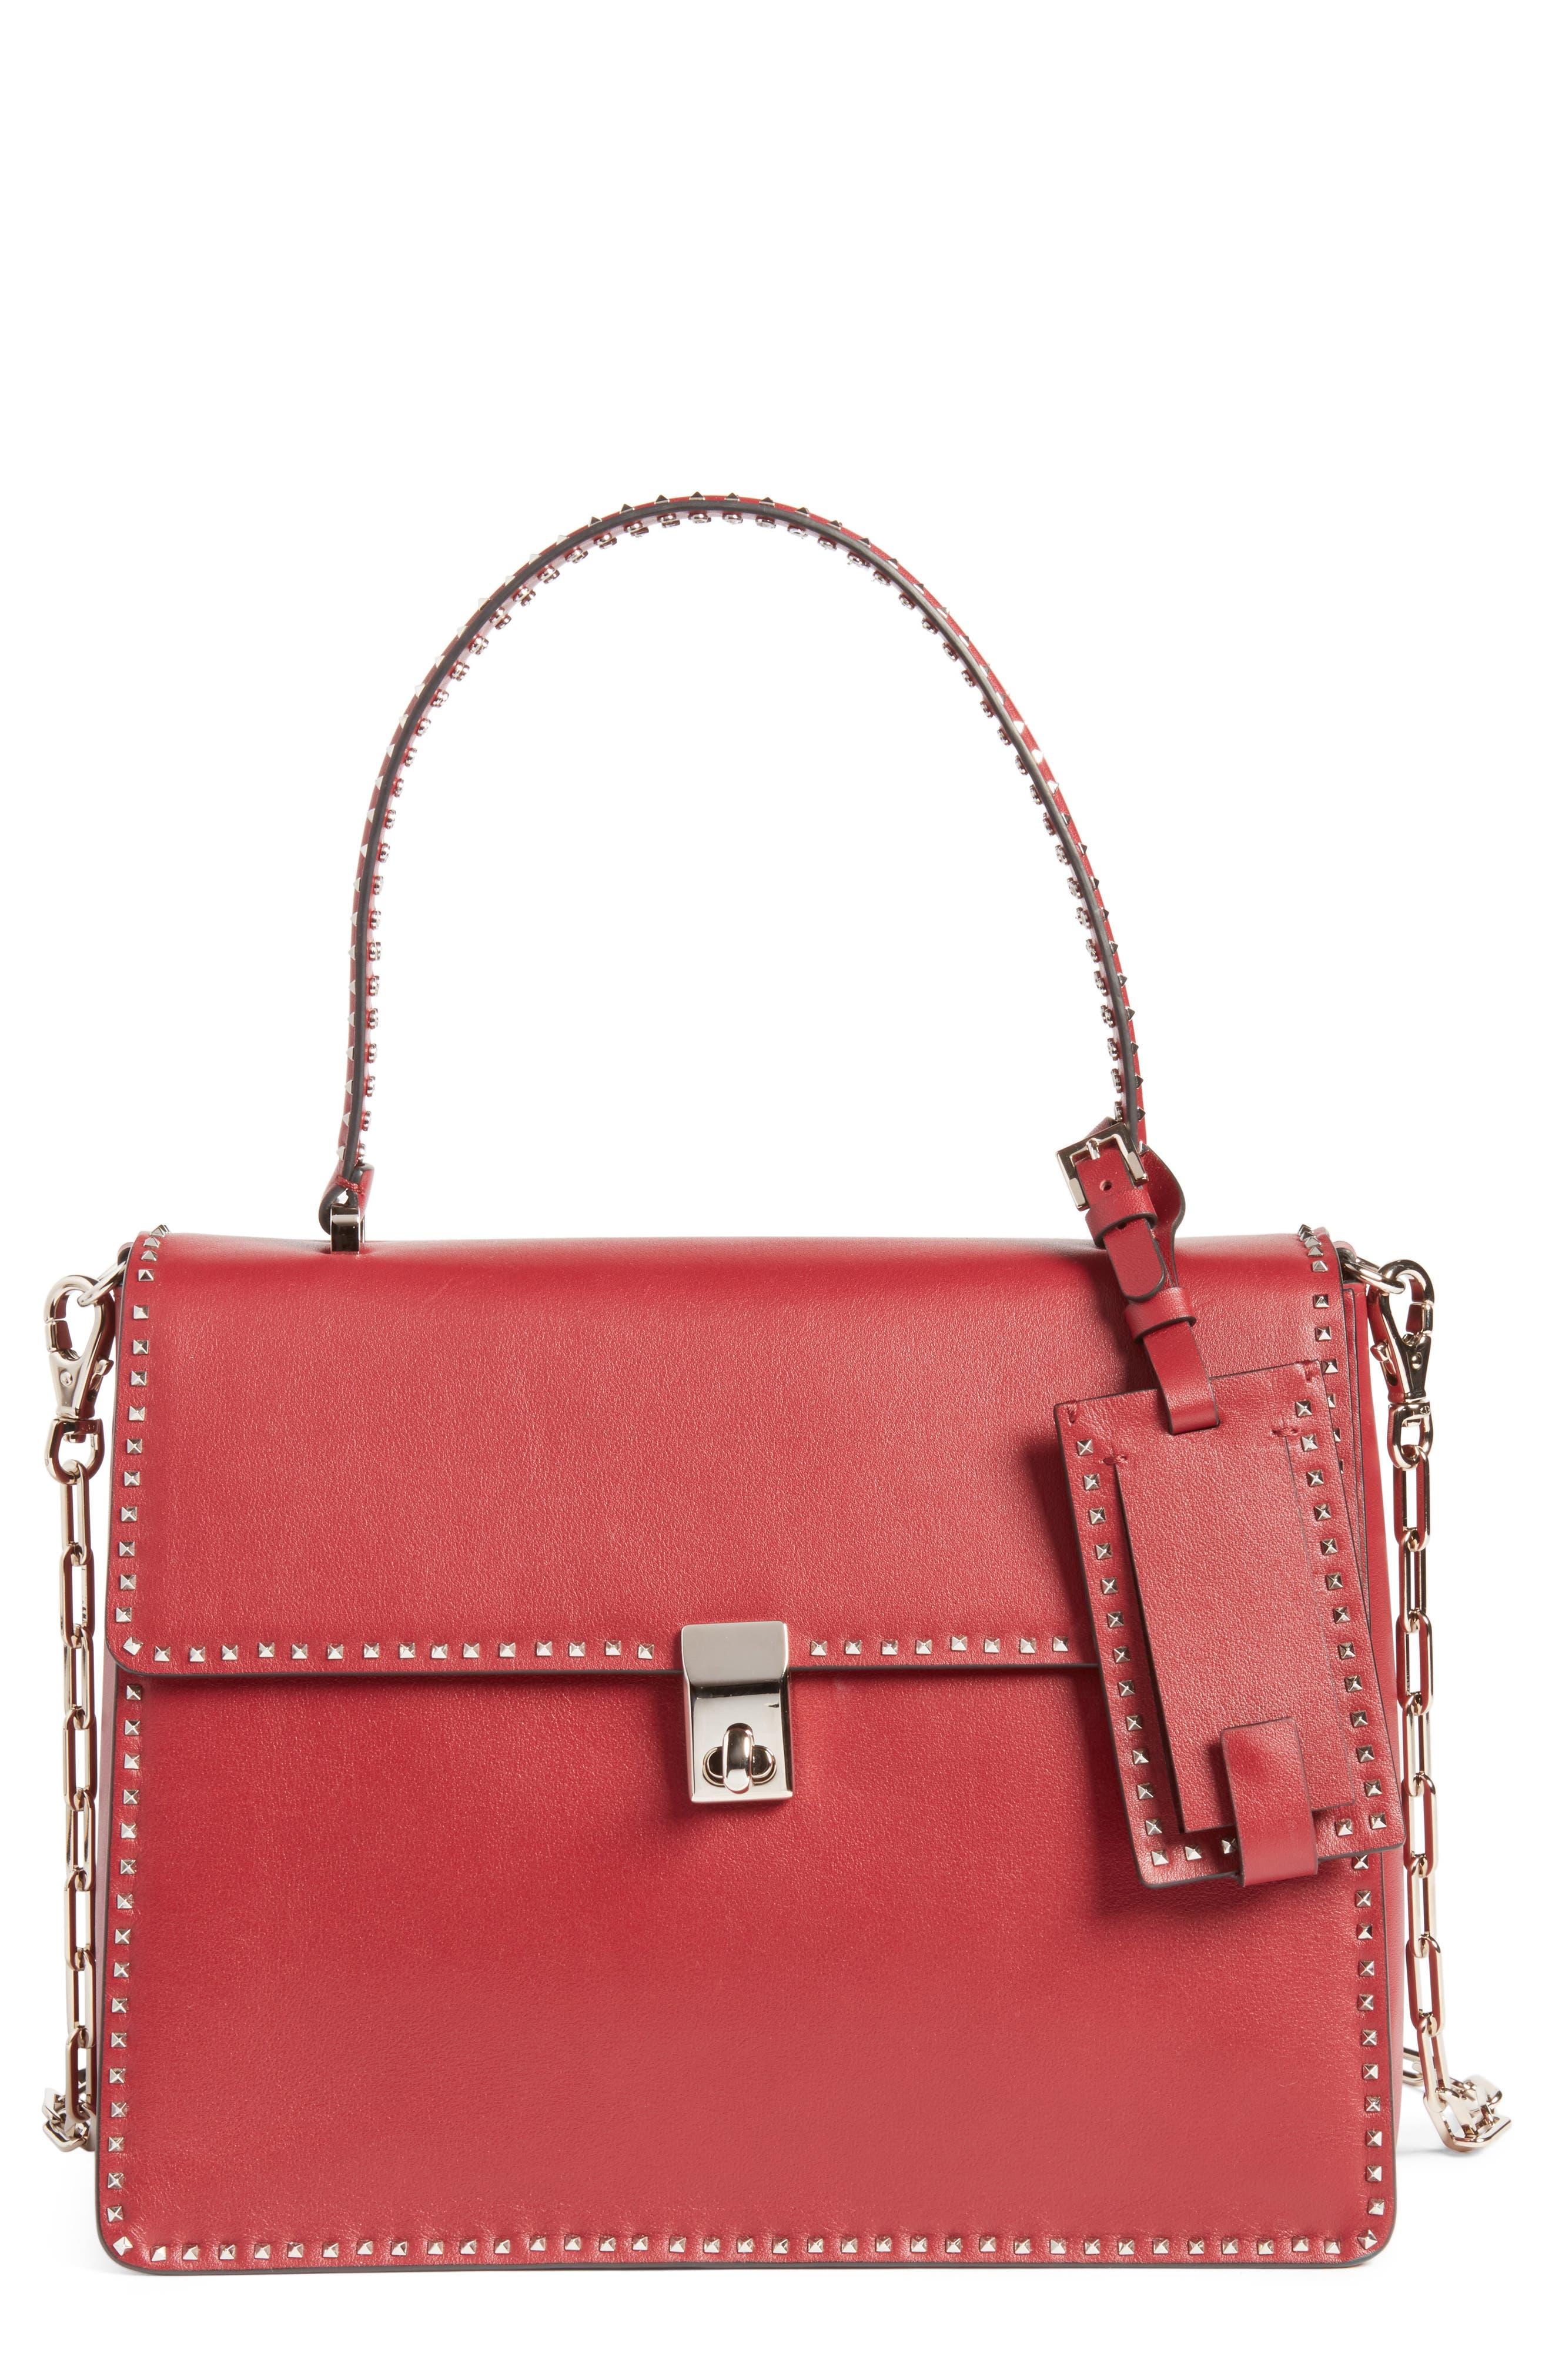 VALENTINO GARAVANI Rockstud Calfskin Leather Single Handle Shoulder Bag